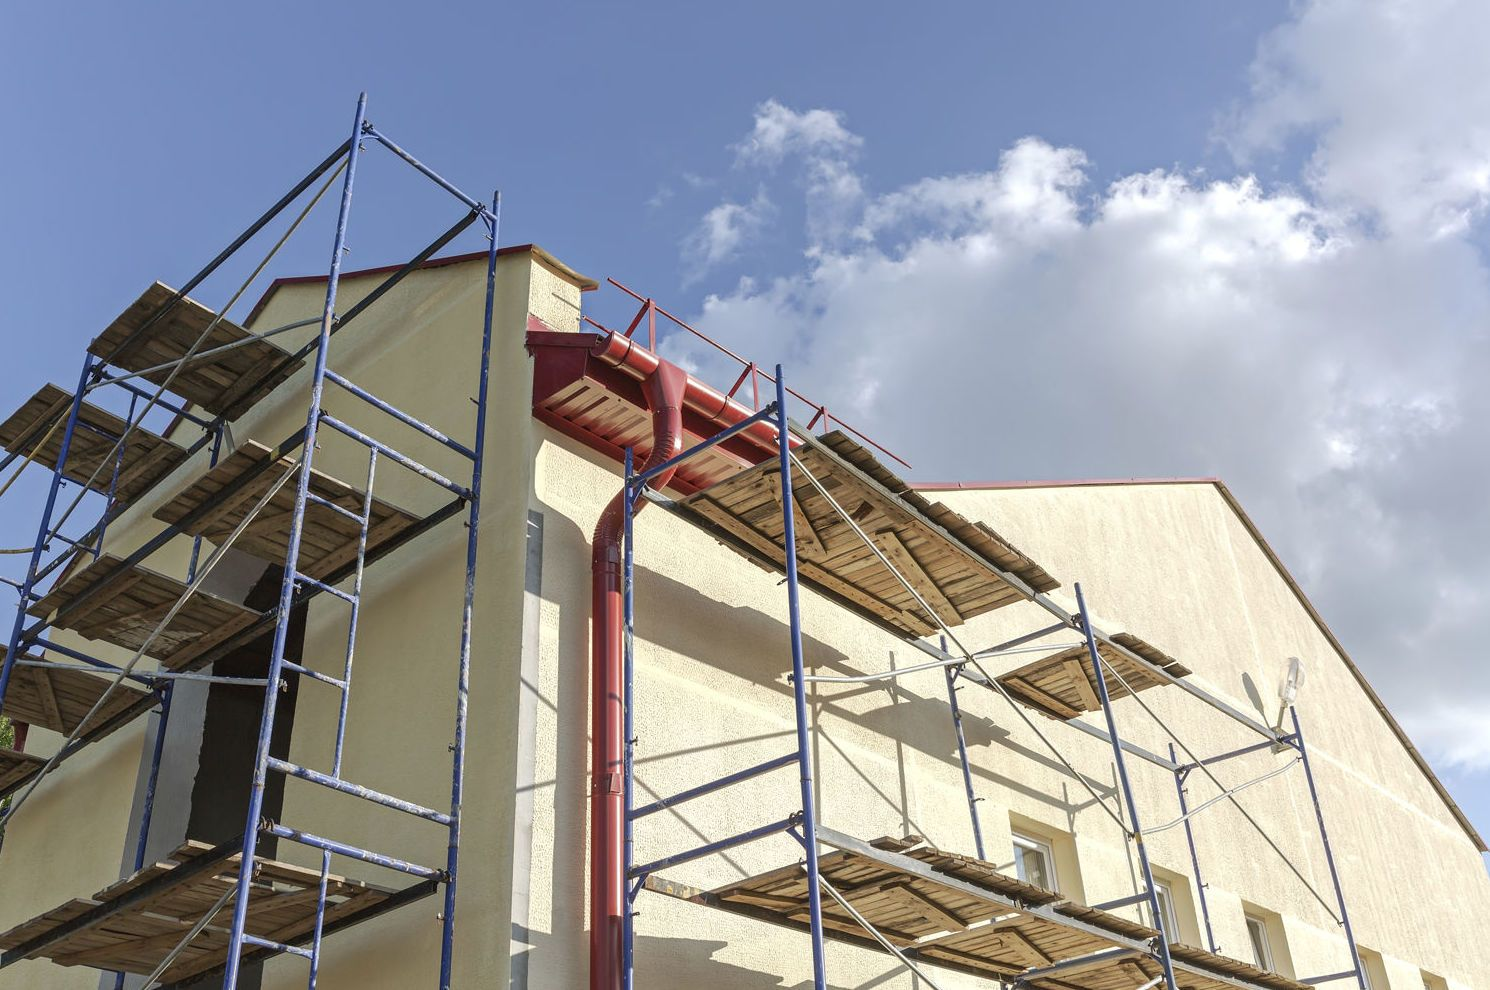 De fachadas precios de fachada ventilada with de fachadas - Fachadas ventiladas precios ...